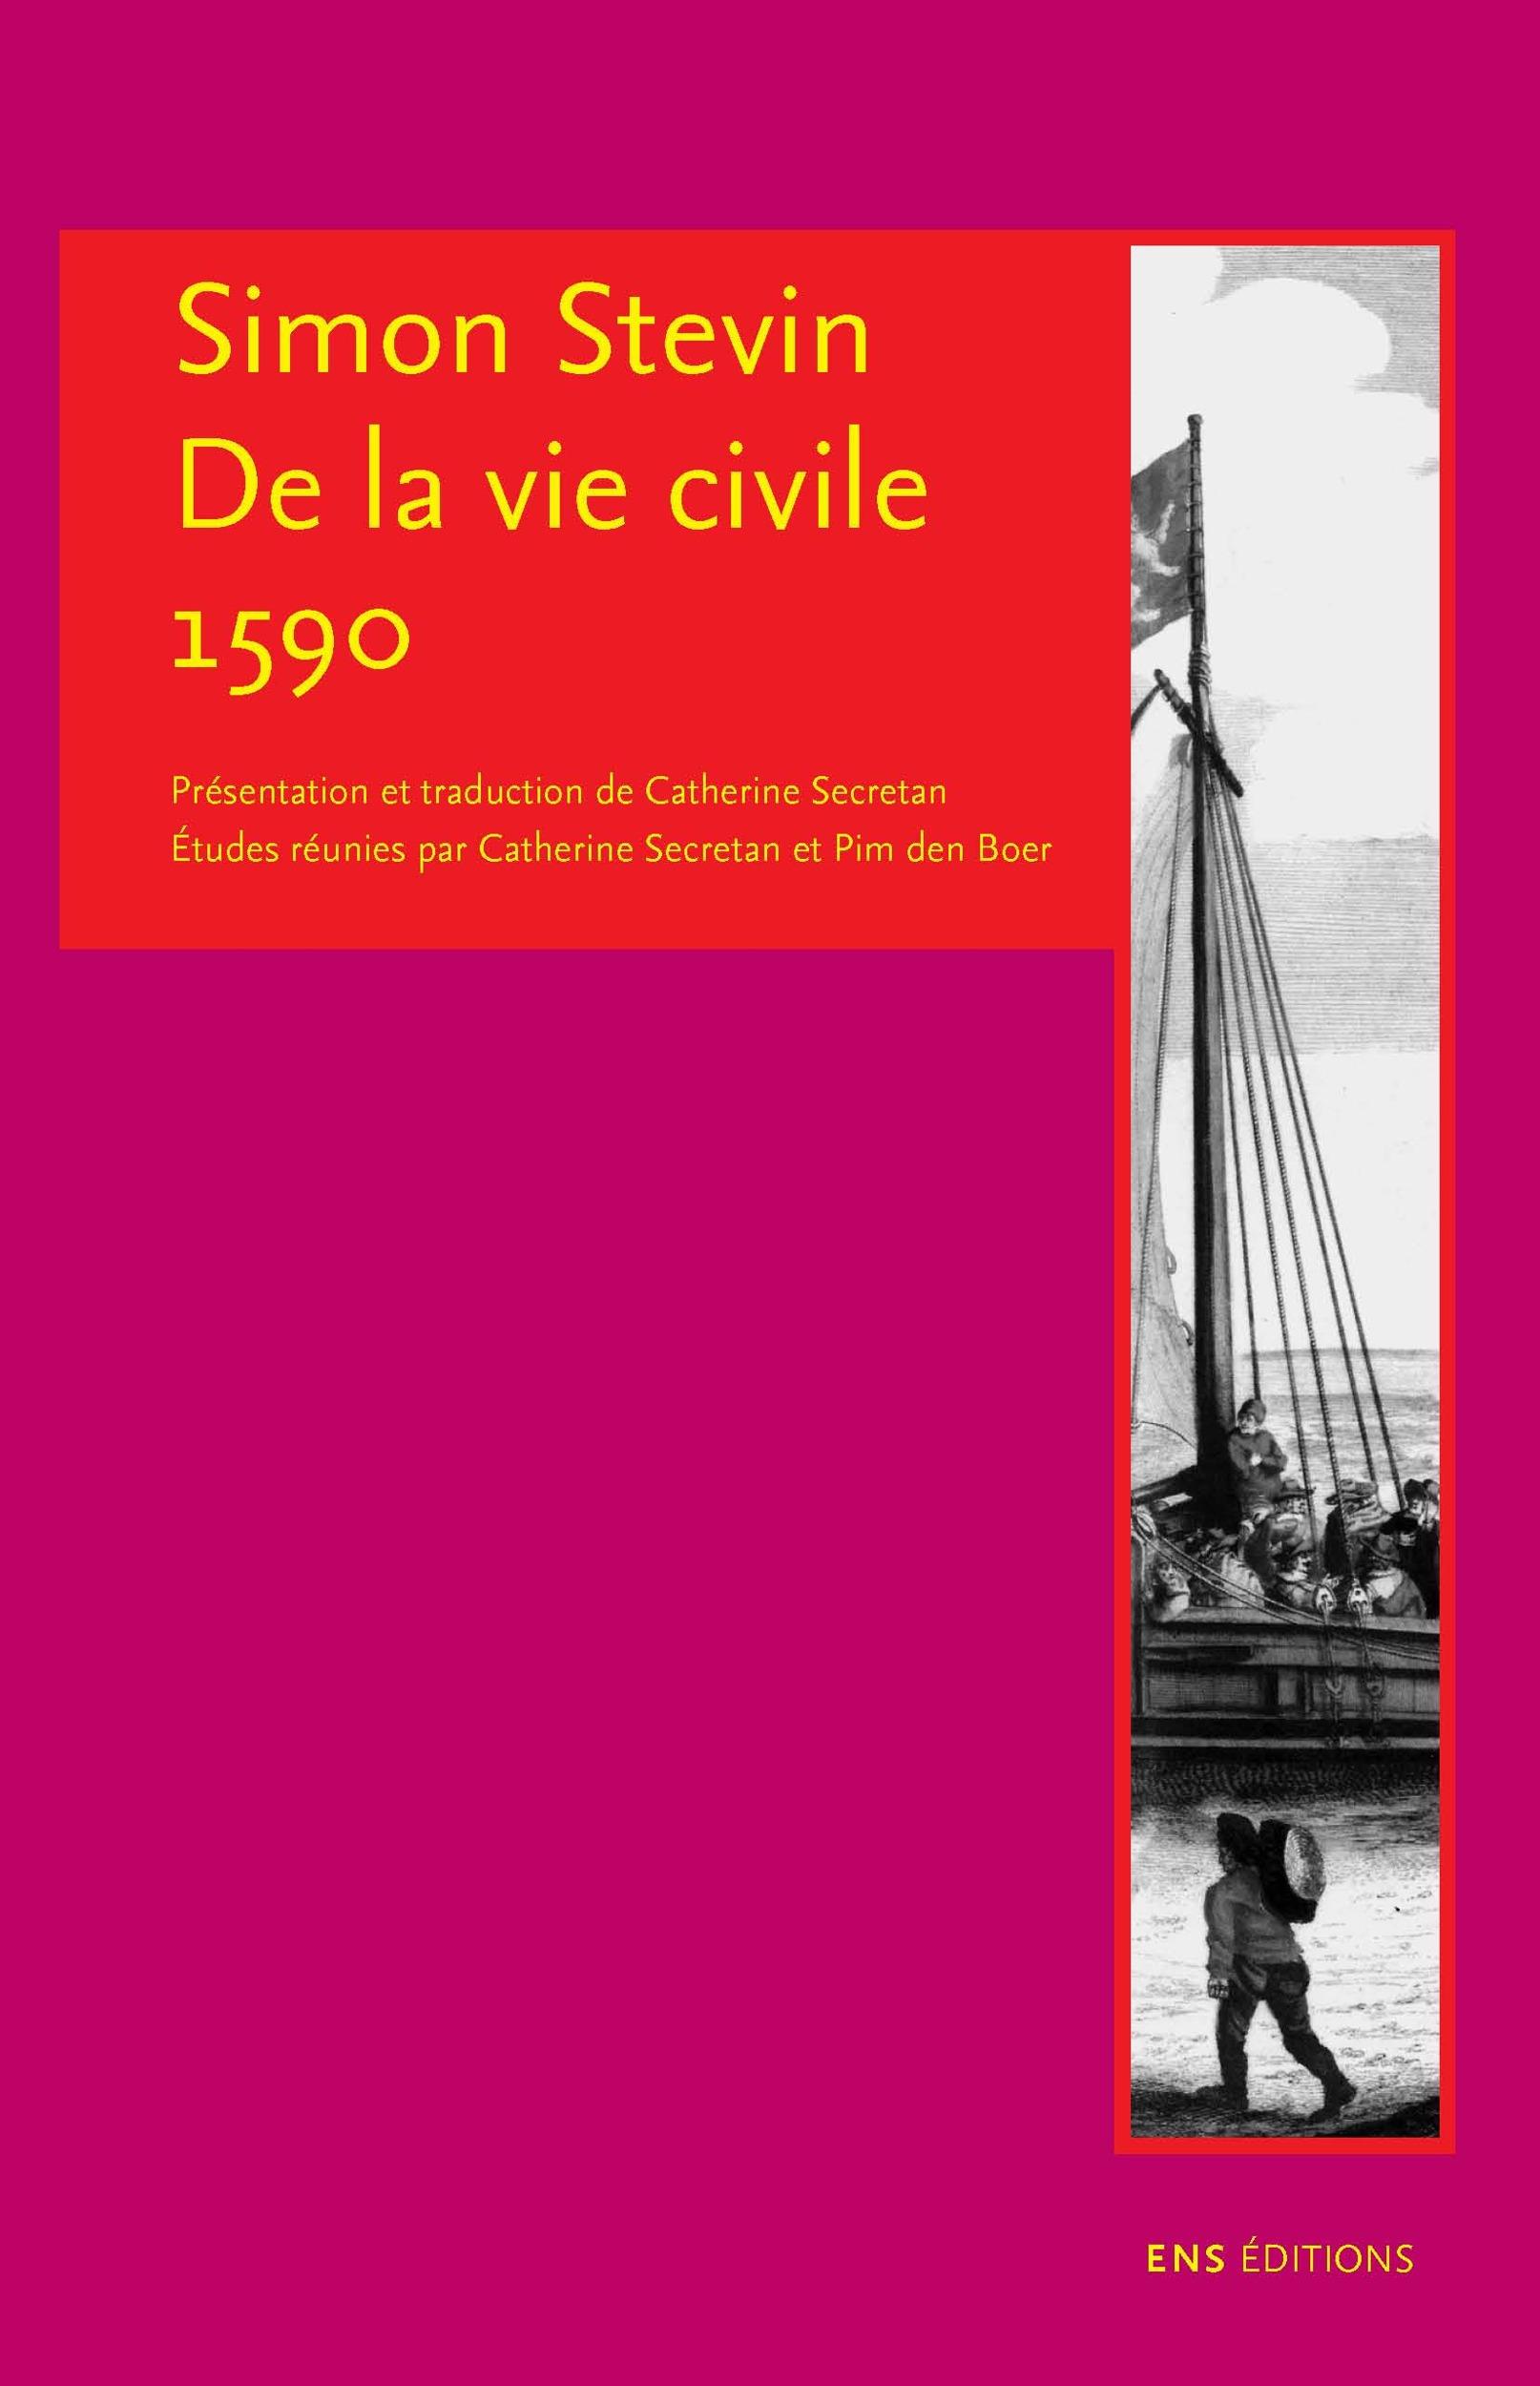 Simon stevin.  de la vie civile. 1590